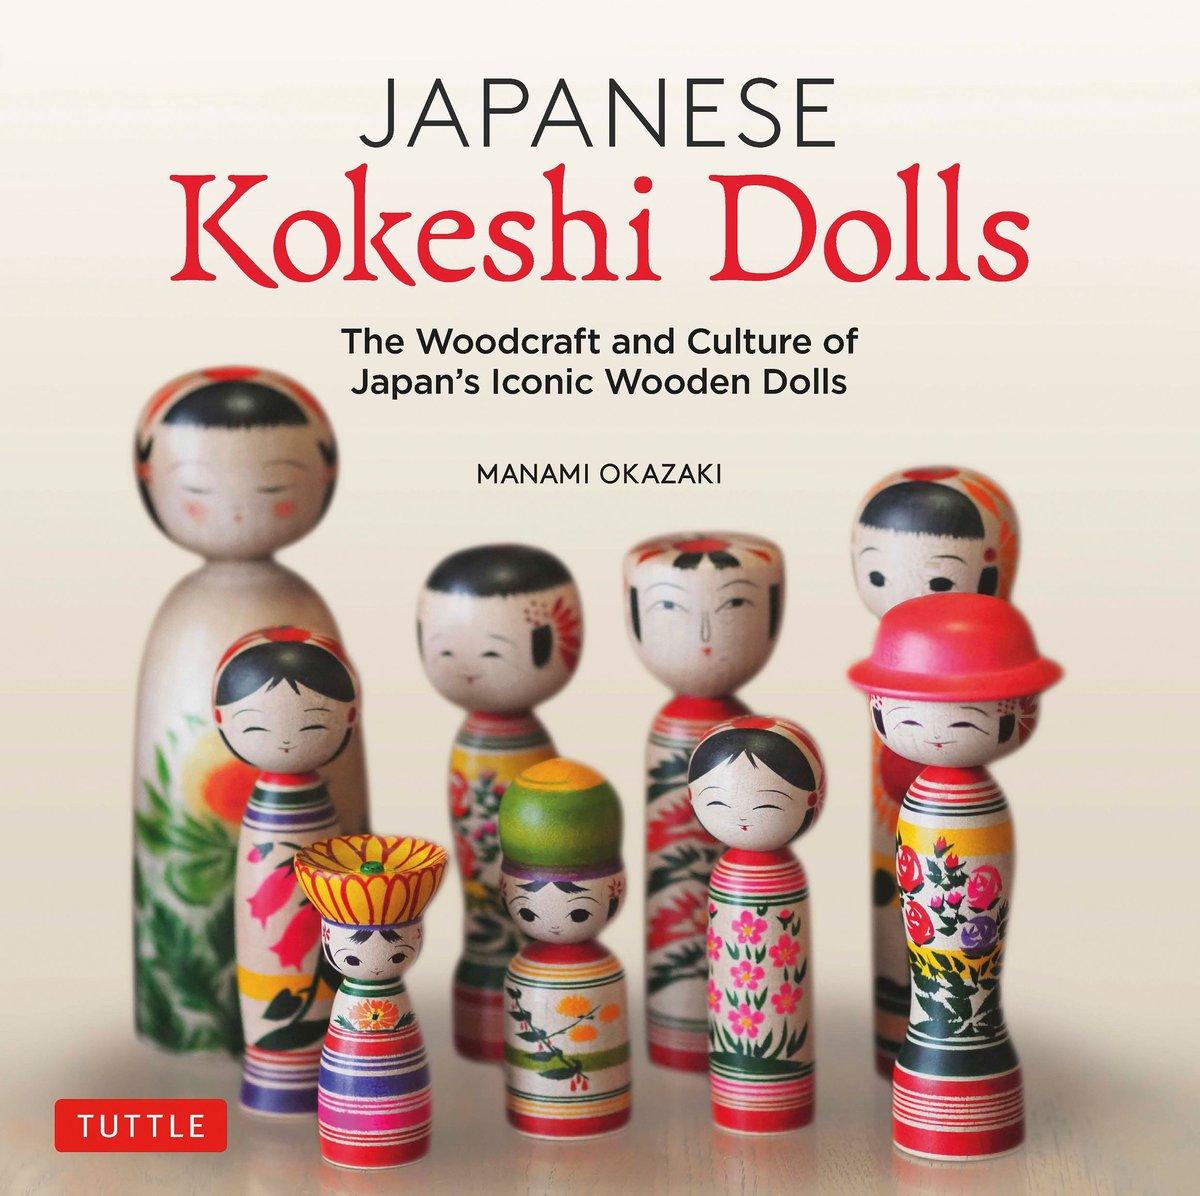 Image of Japanese Kokeshi Dolls